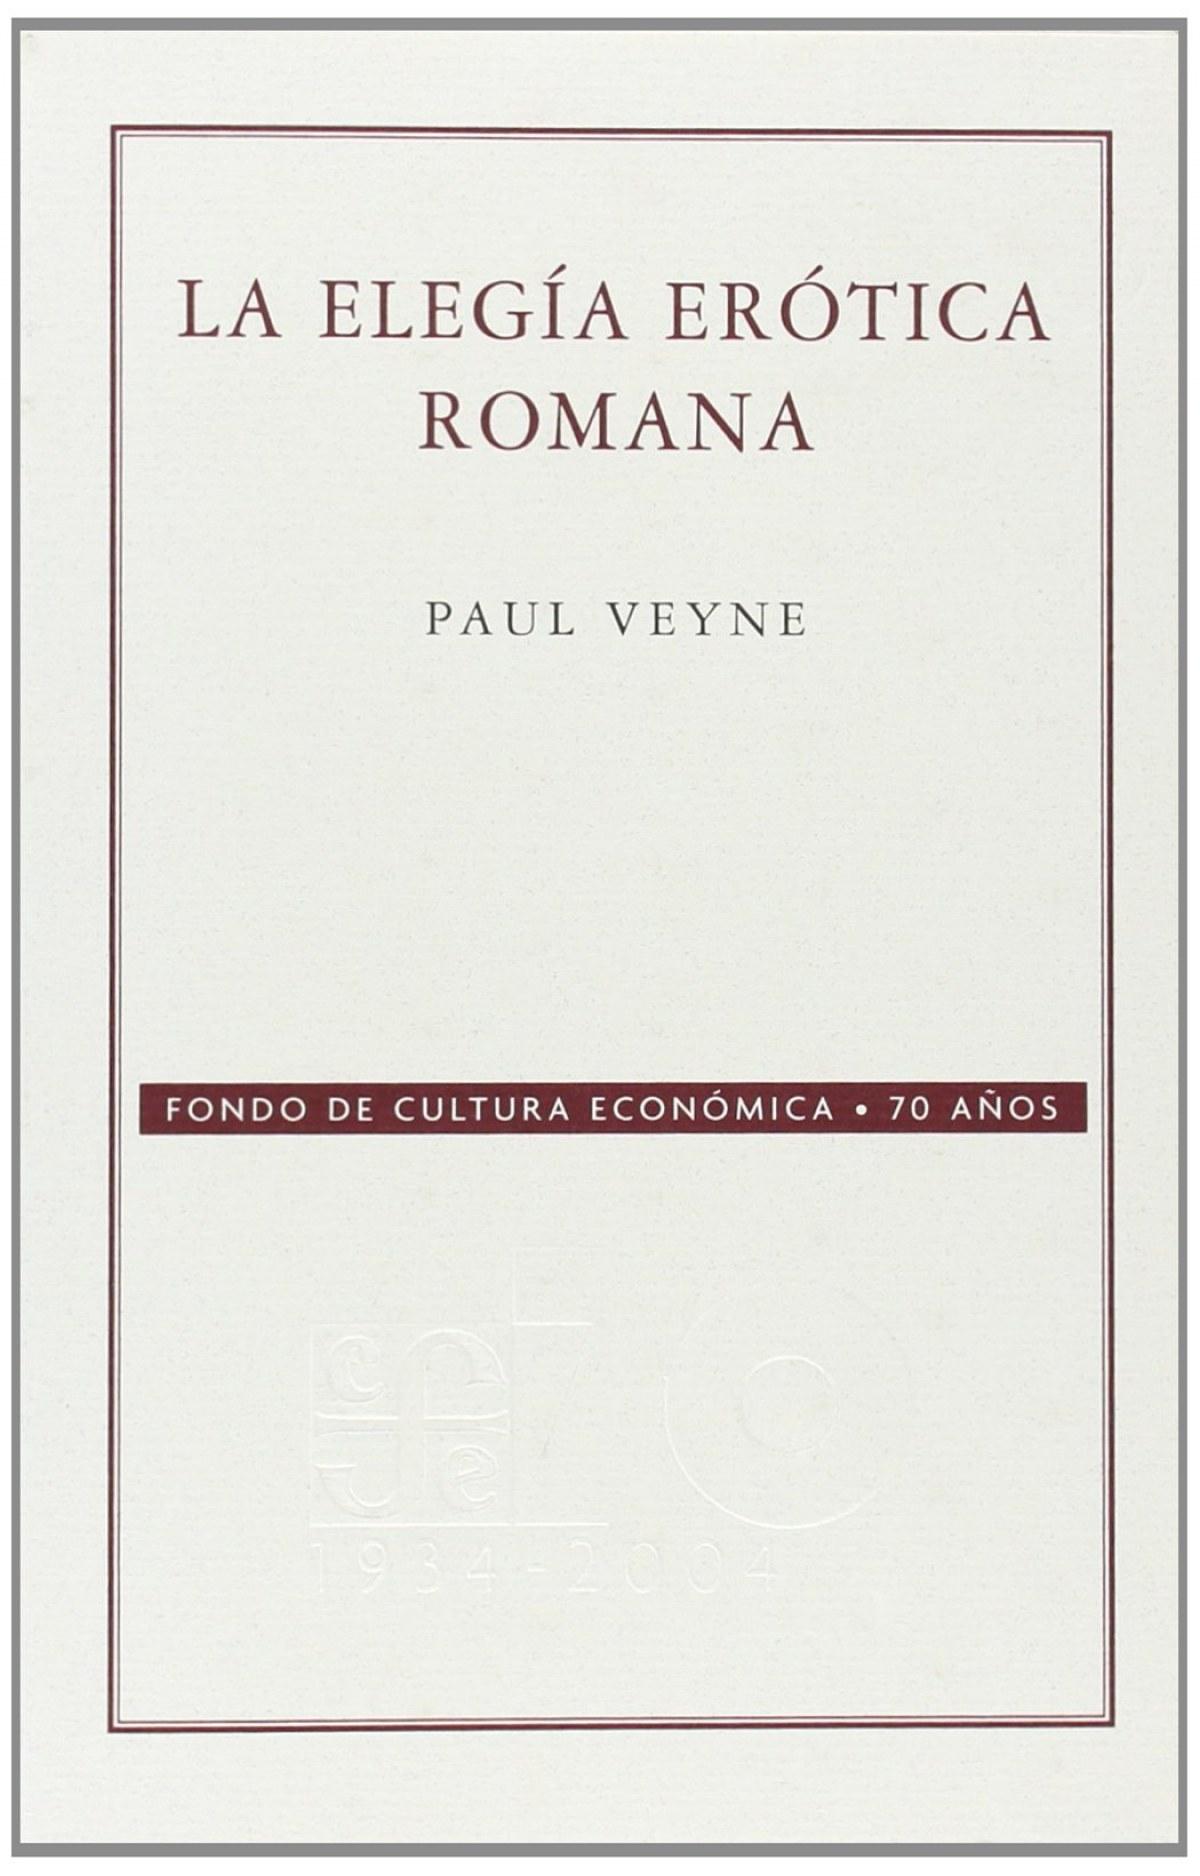 La elegía erótica romana : El amor, la poesía y el Occidente - Veyne, Paul